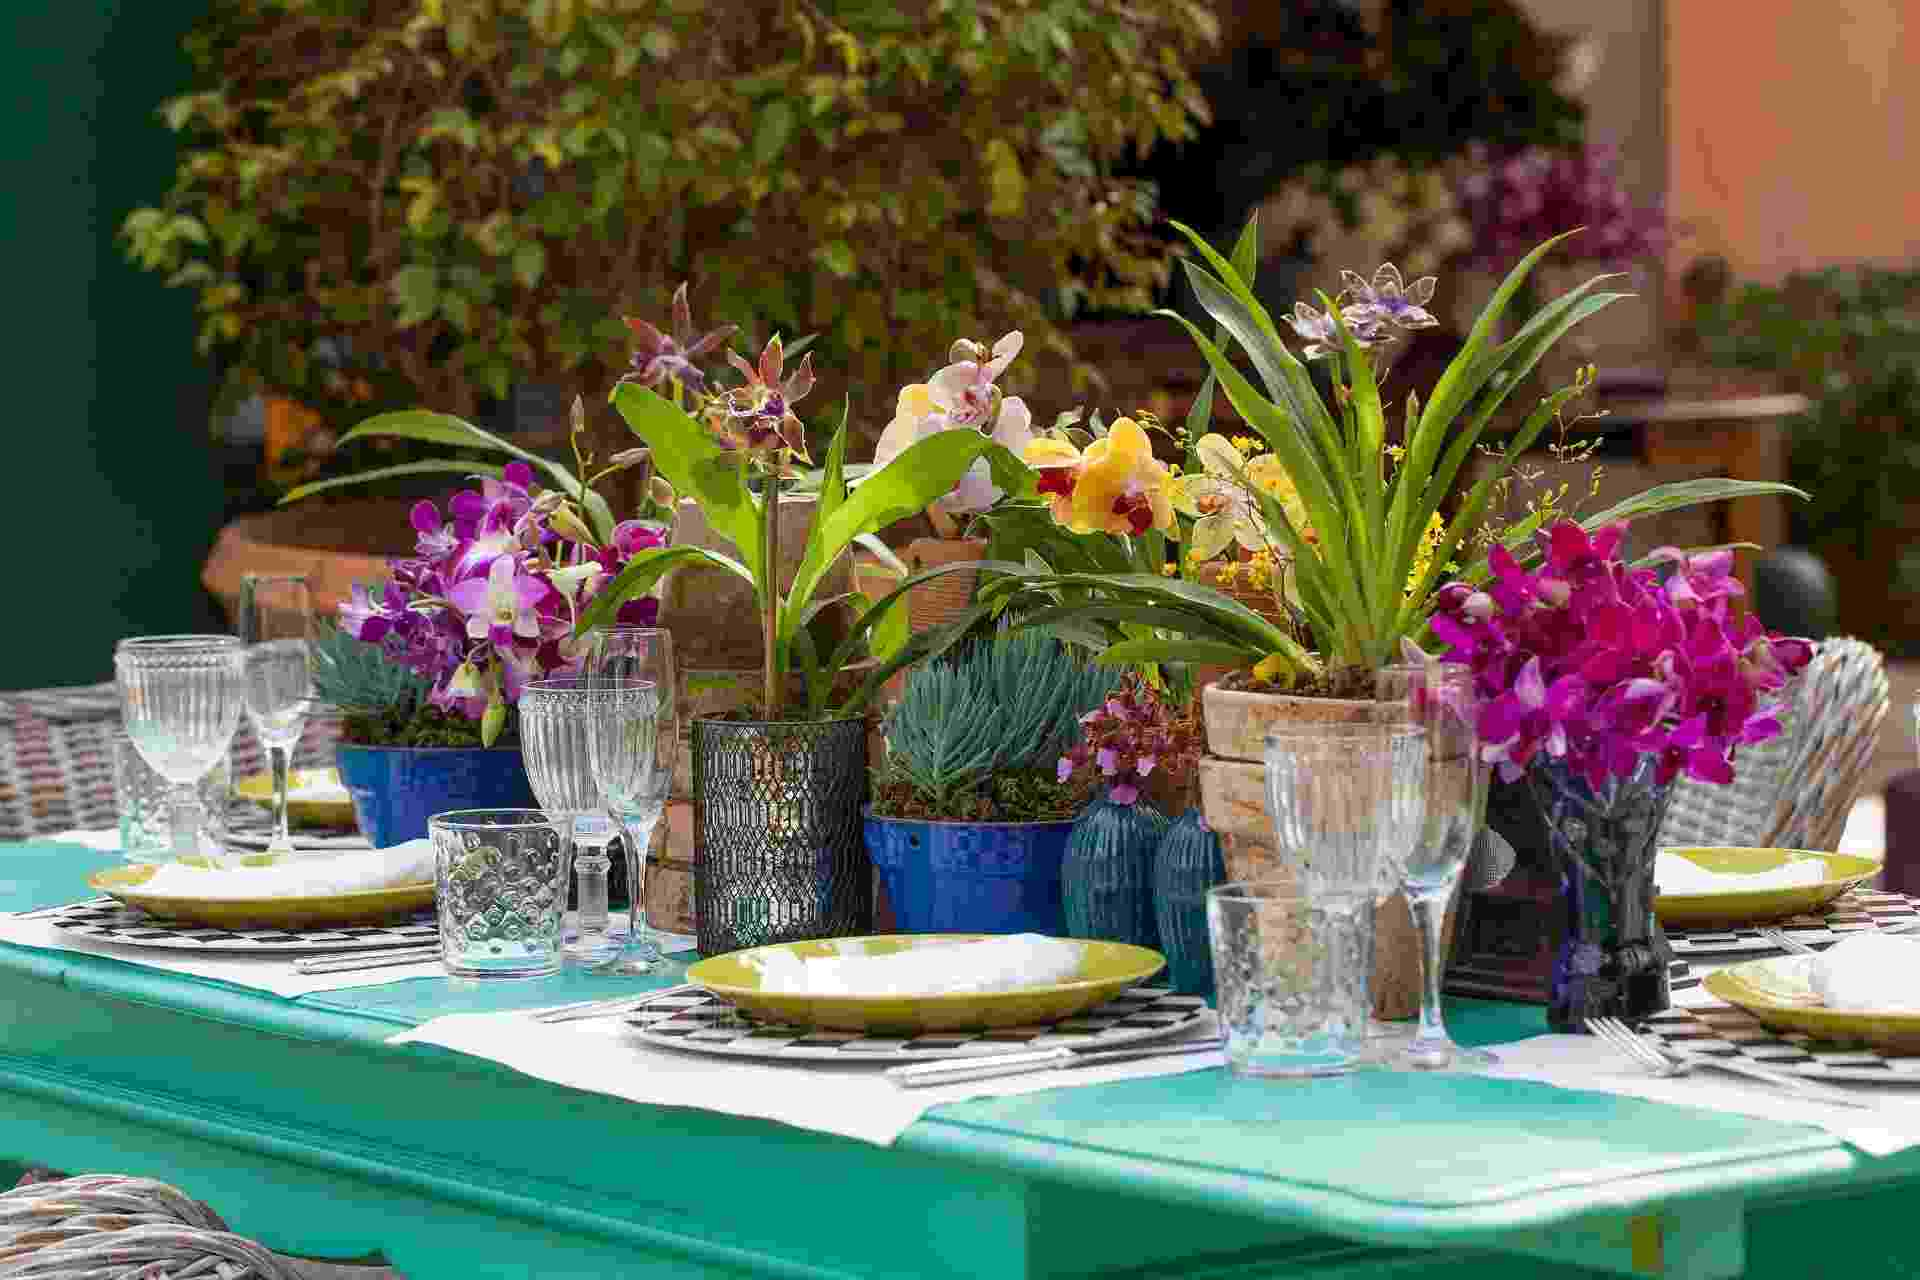 Vasinhos de diferentes tamanhos com suculentas e orquídeas variadas podem enfeitar as mesas de convidados ou aparadores. A alegre composição é da Bothanica Paulista - Julia Ribeiro/ Divulgação